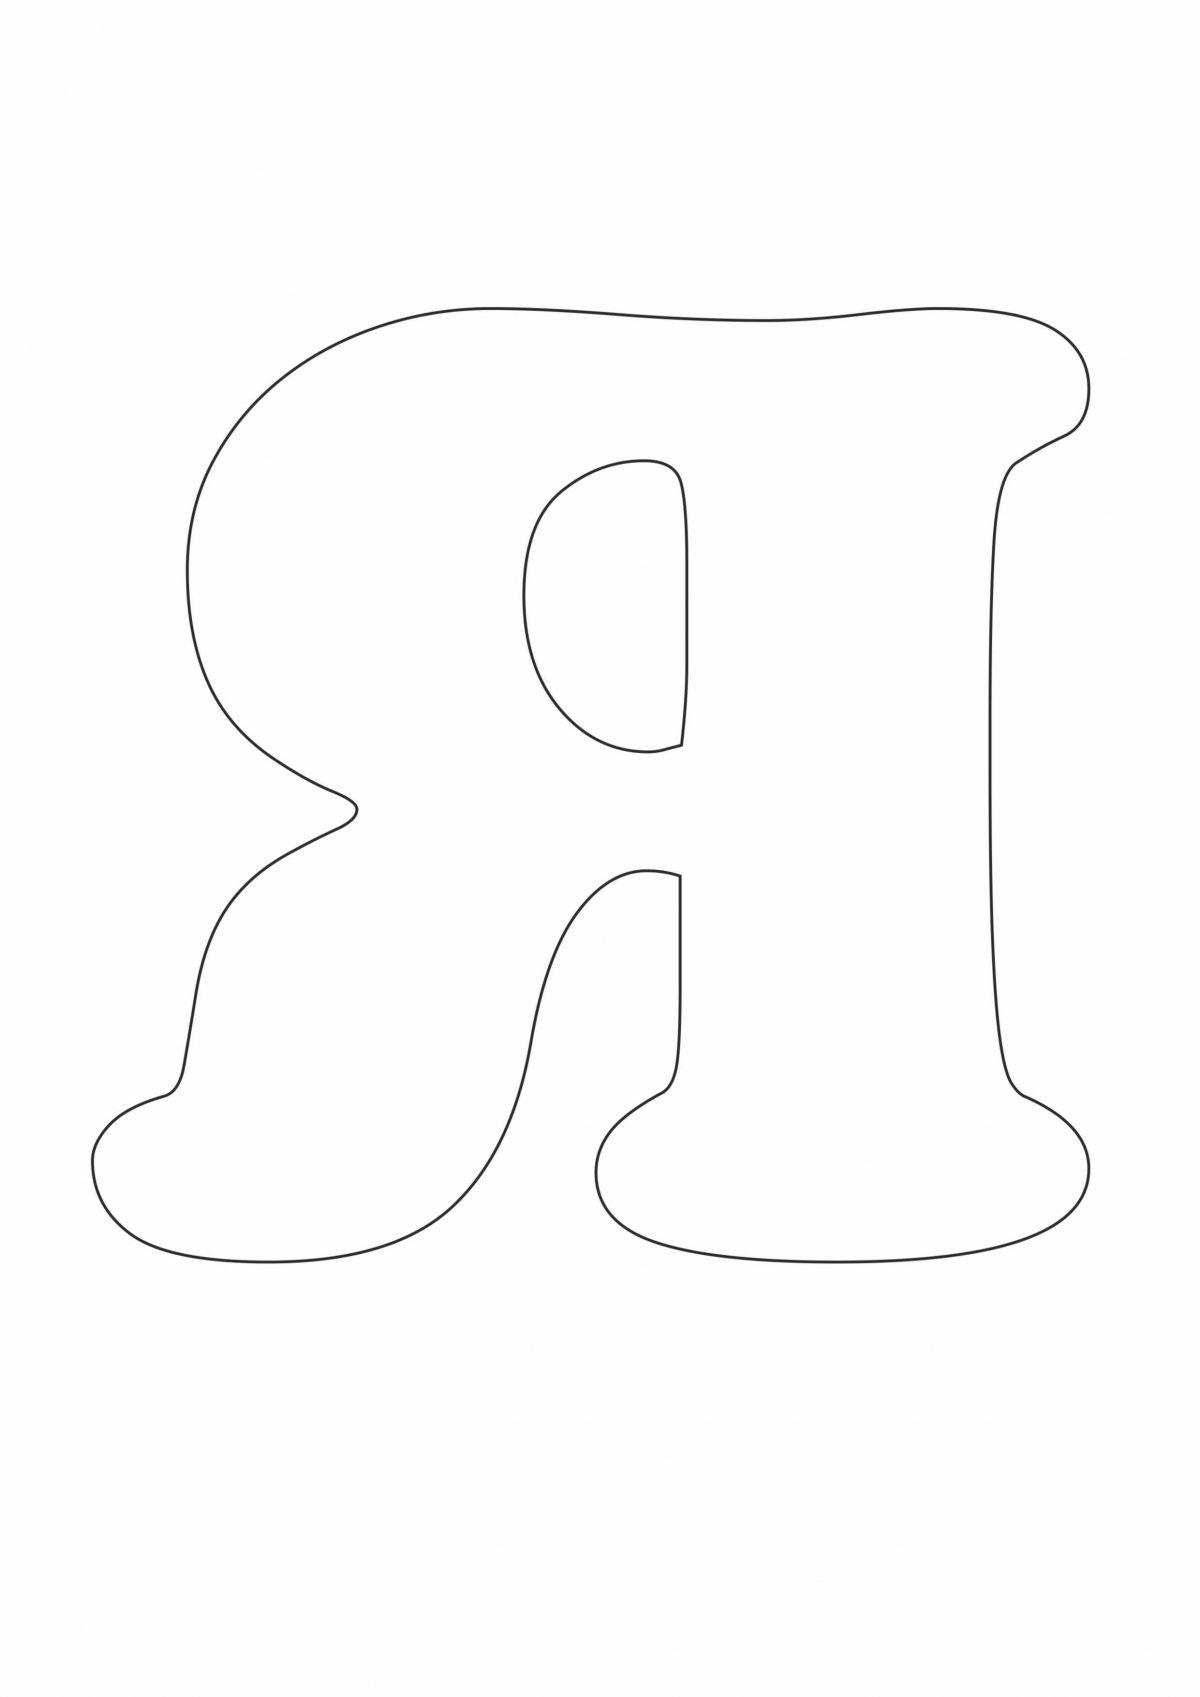 Как красиво вырезать буквы для открытки